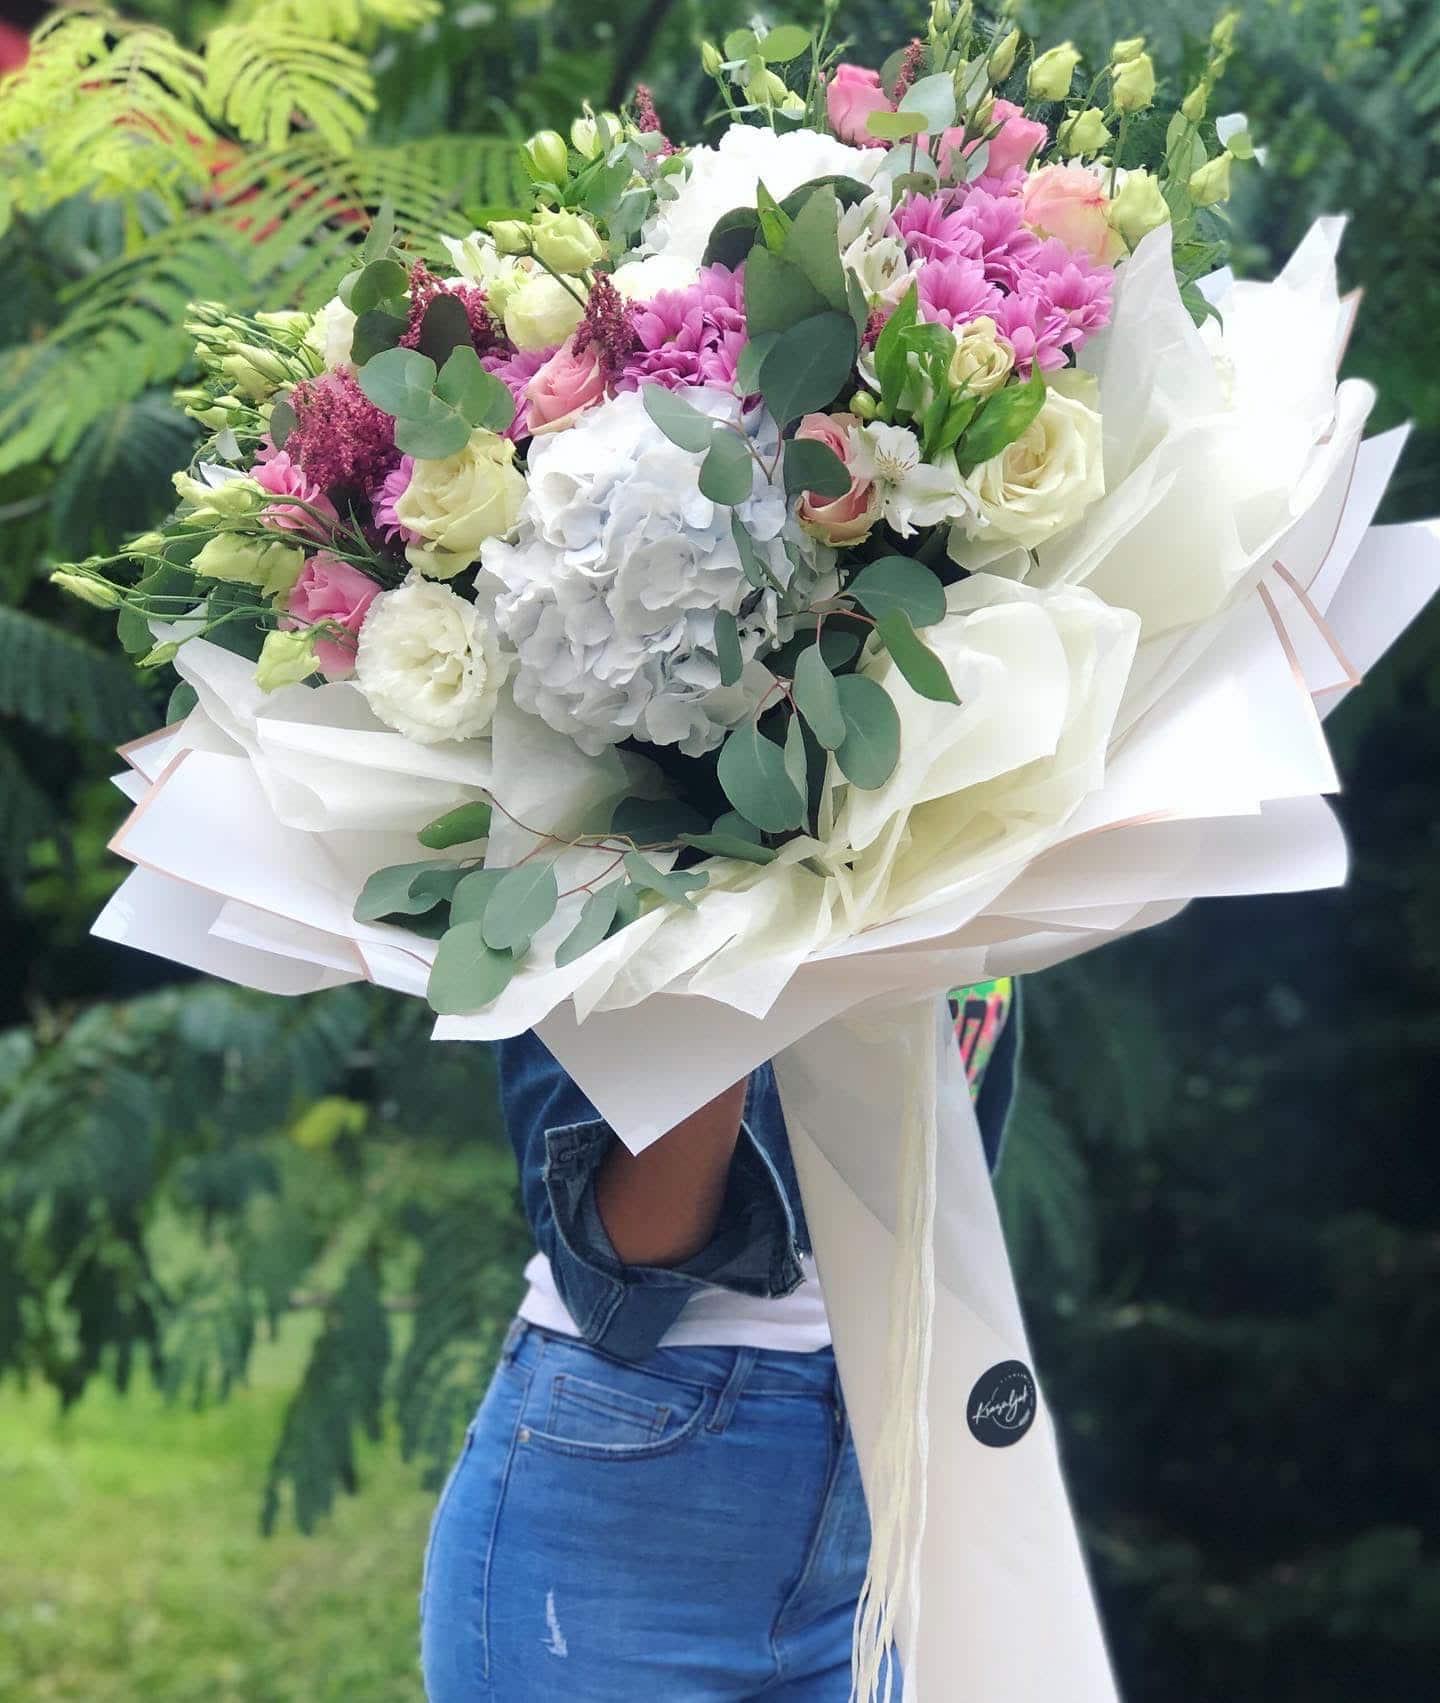 Cveće - Buket cveća, šareni, ukrasni papir, mašna